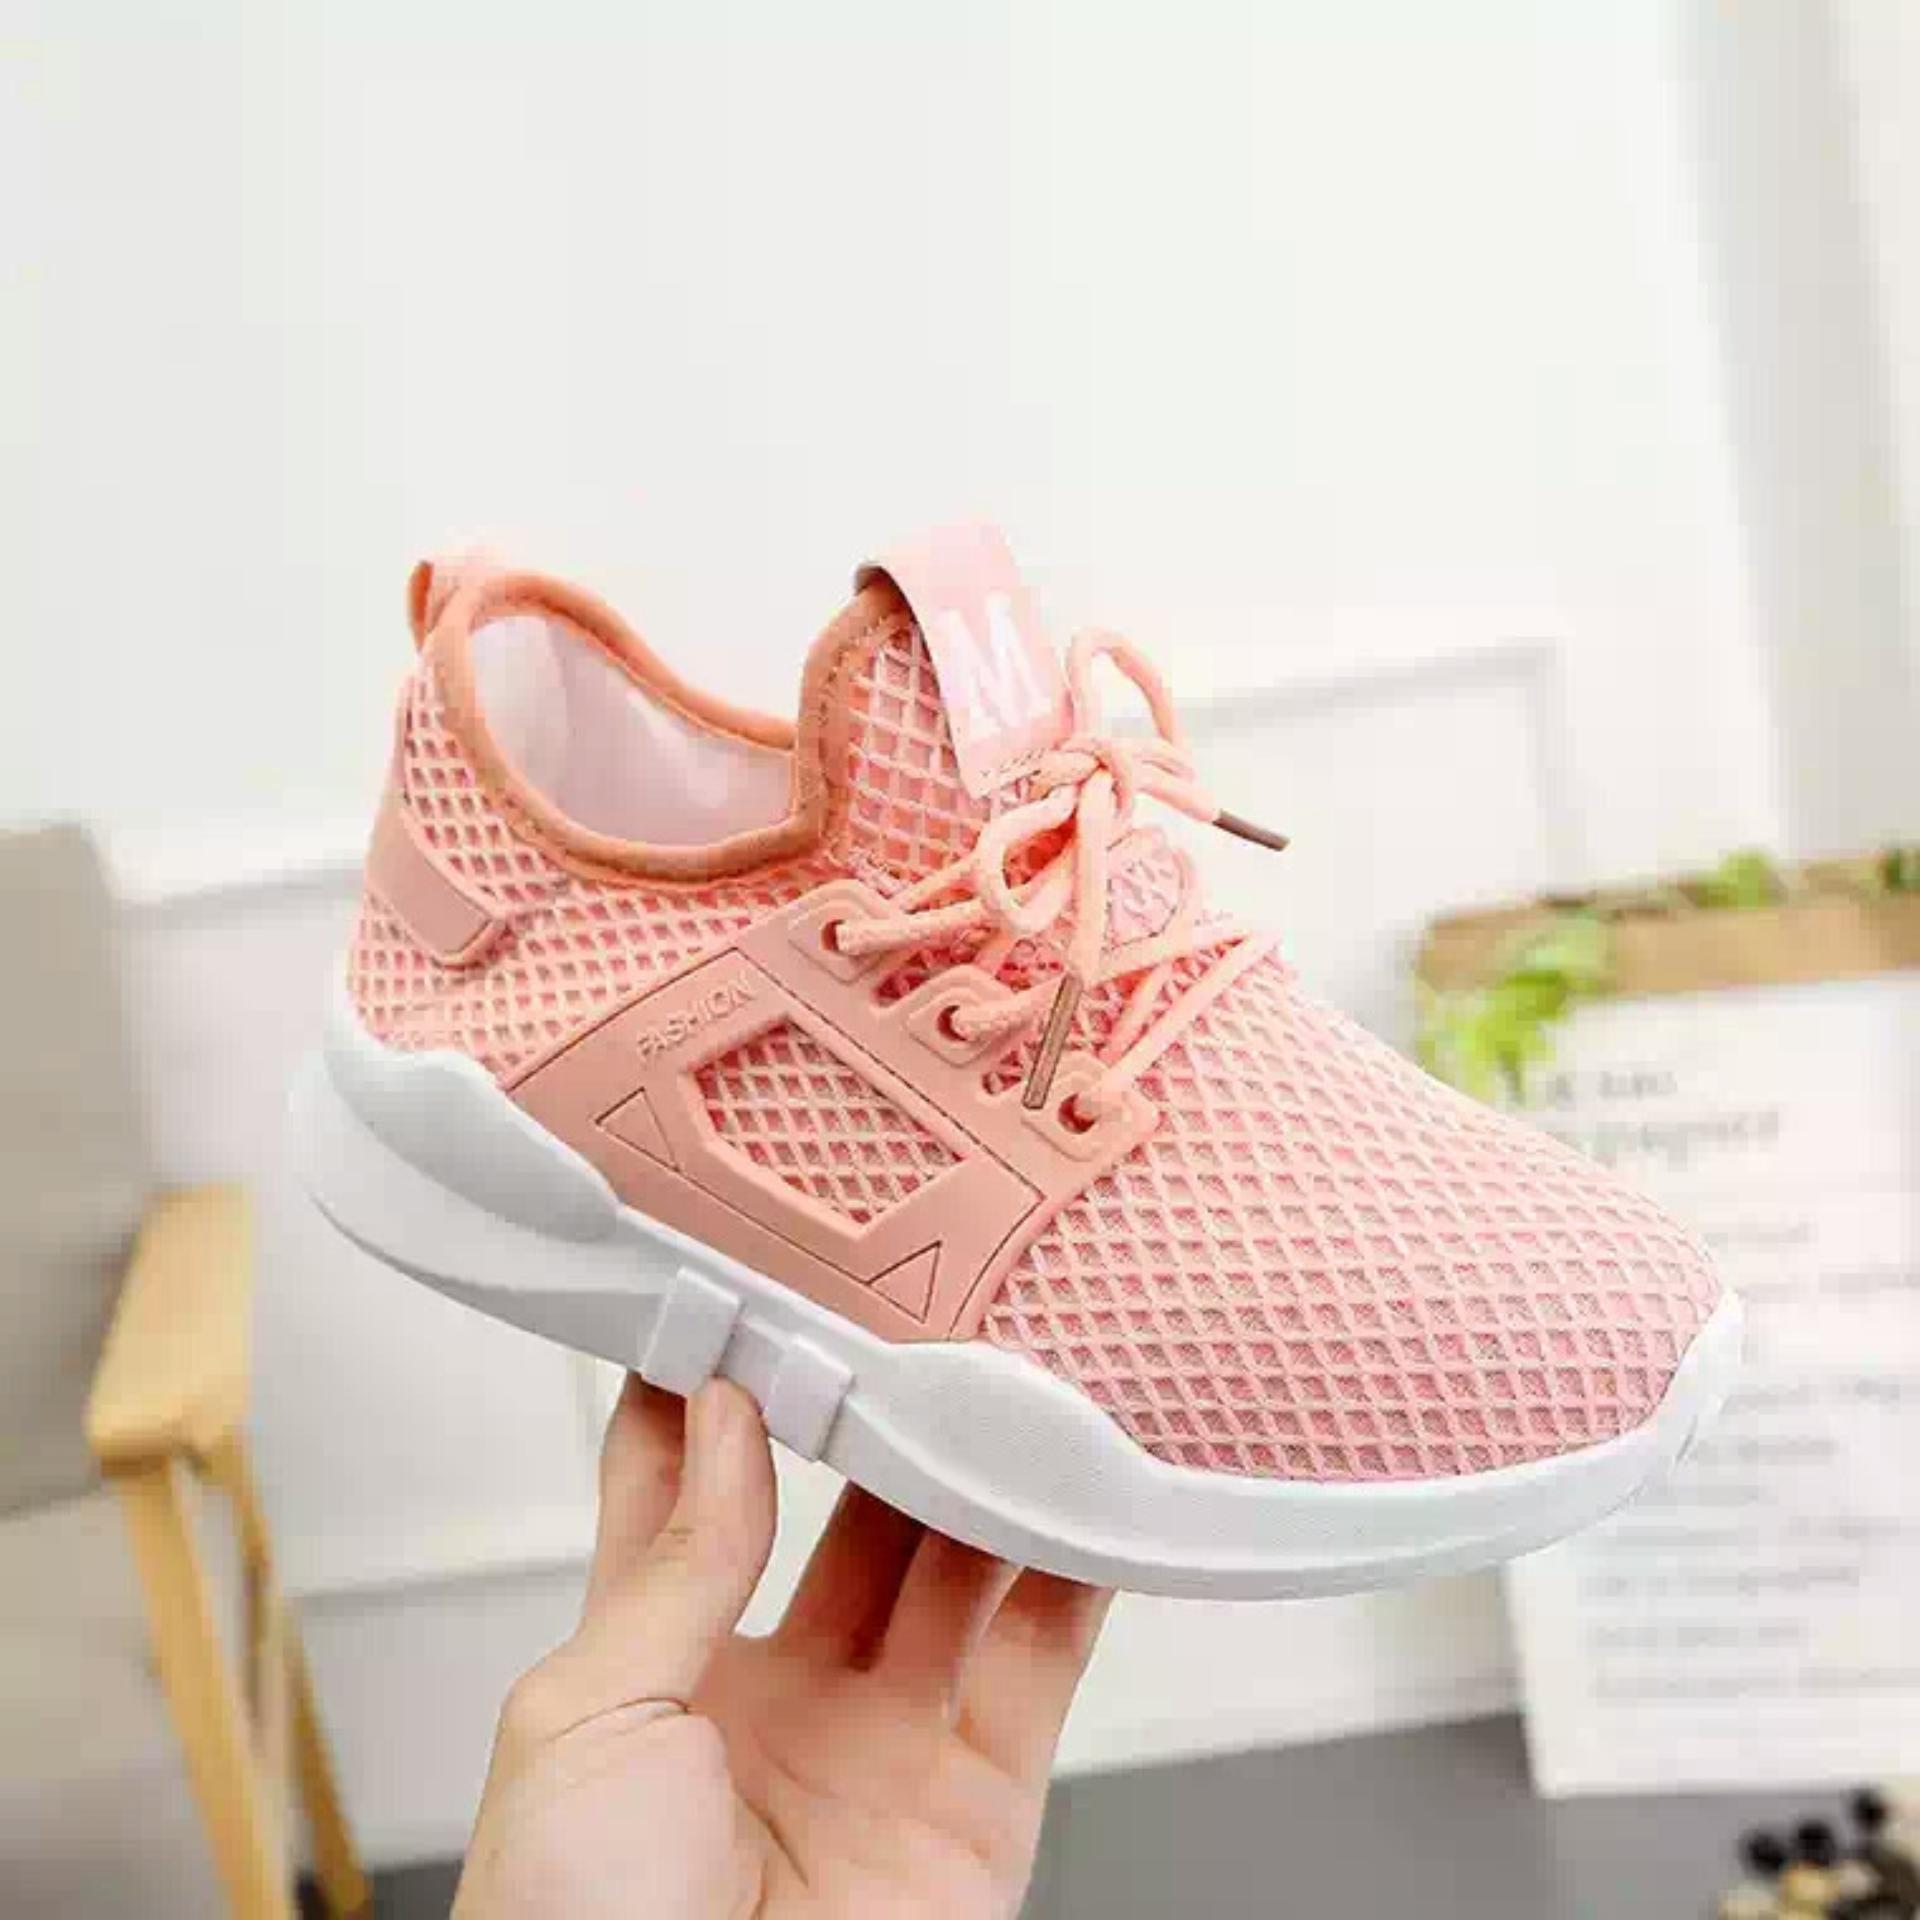 Giày thời trang nữ Fashion M lưới - GiayKS - MLuoi001 (hồng cam) ...